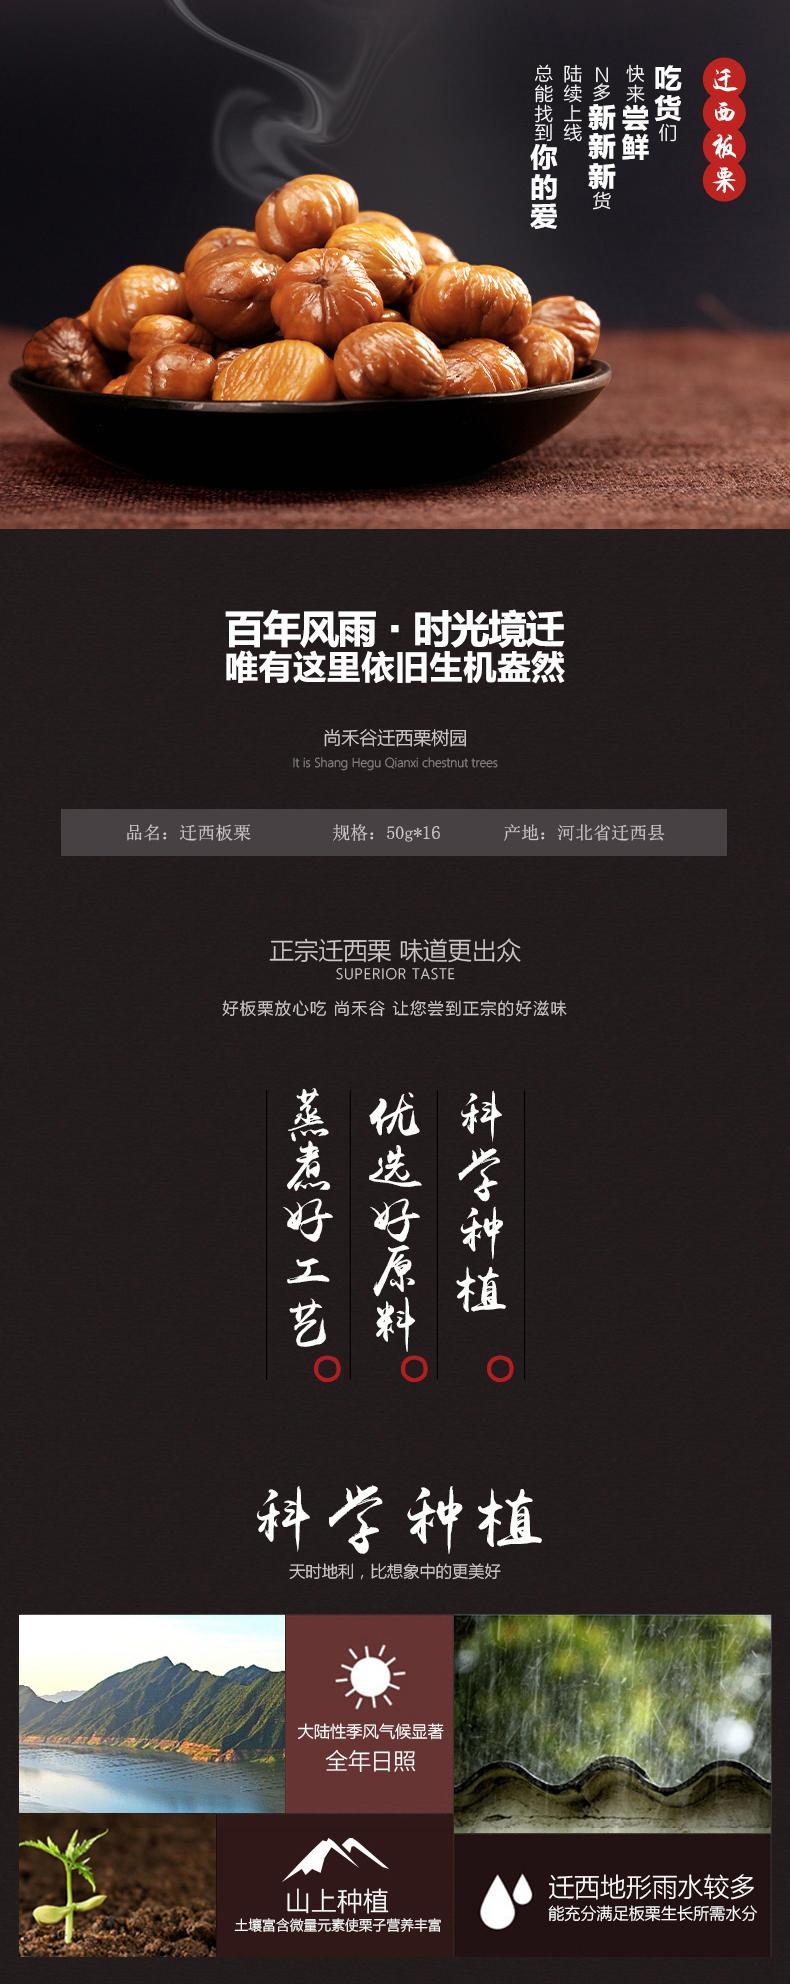 尚禾谷-遷西板栗仁三級600g甘栗禮盒-熟栗子仁禮盒裝-河北特產_01.jpg